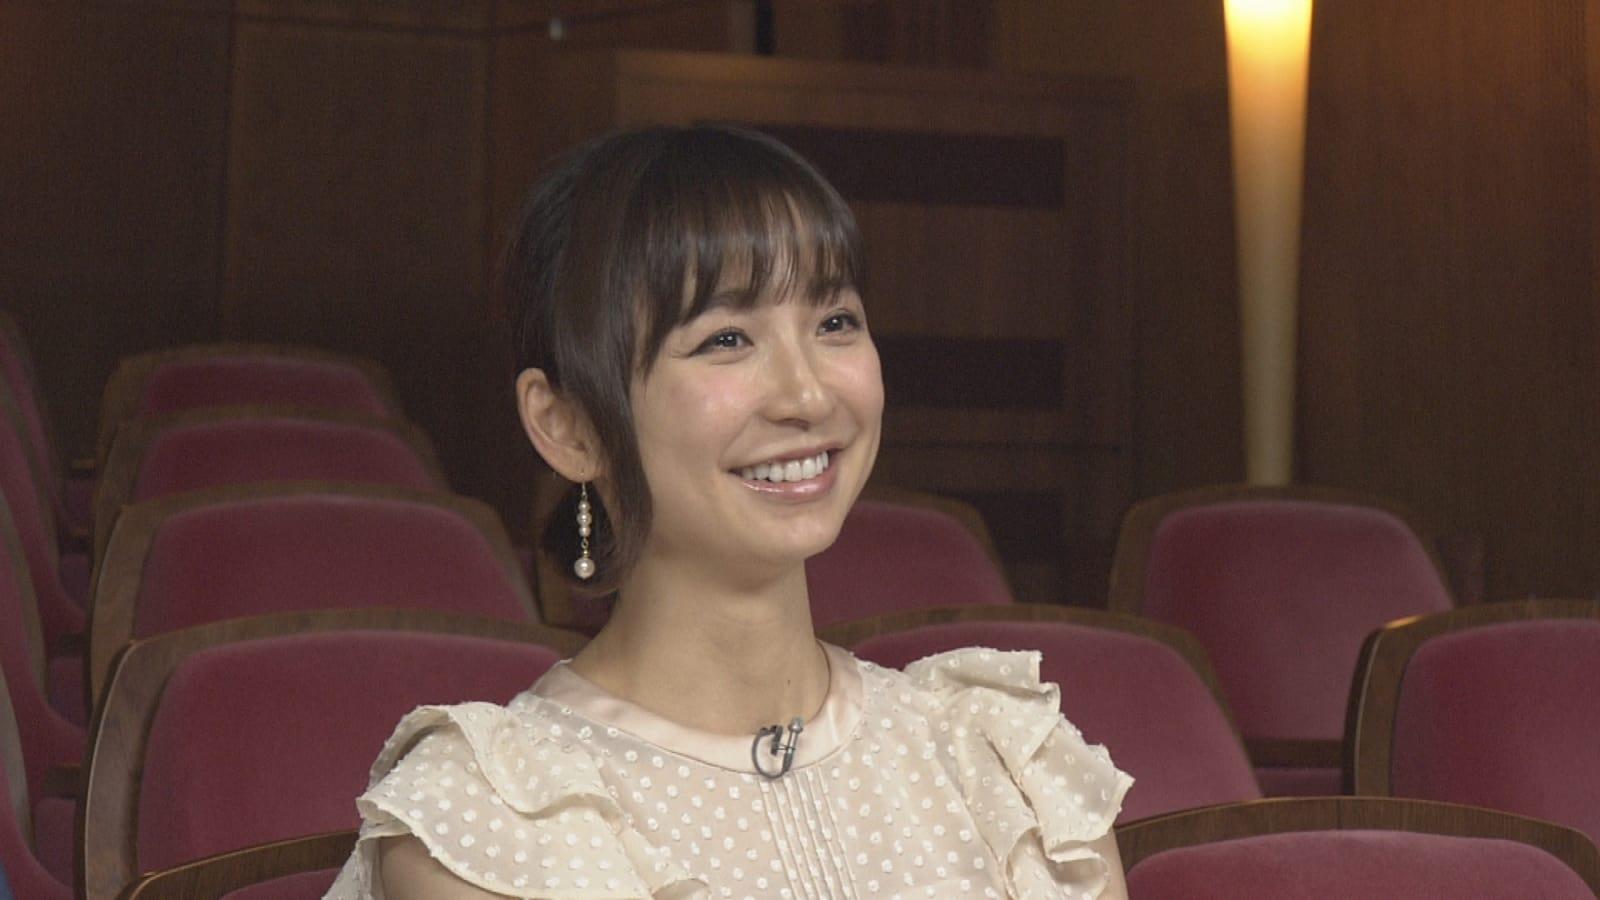 「ファミリーヒストリー」に出演する篠田麻里子さん